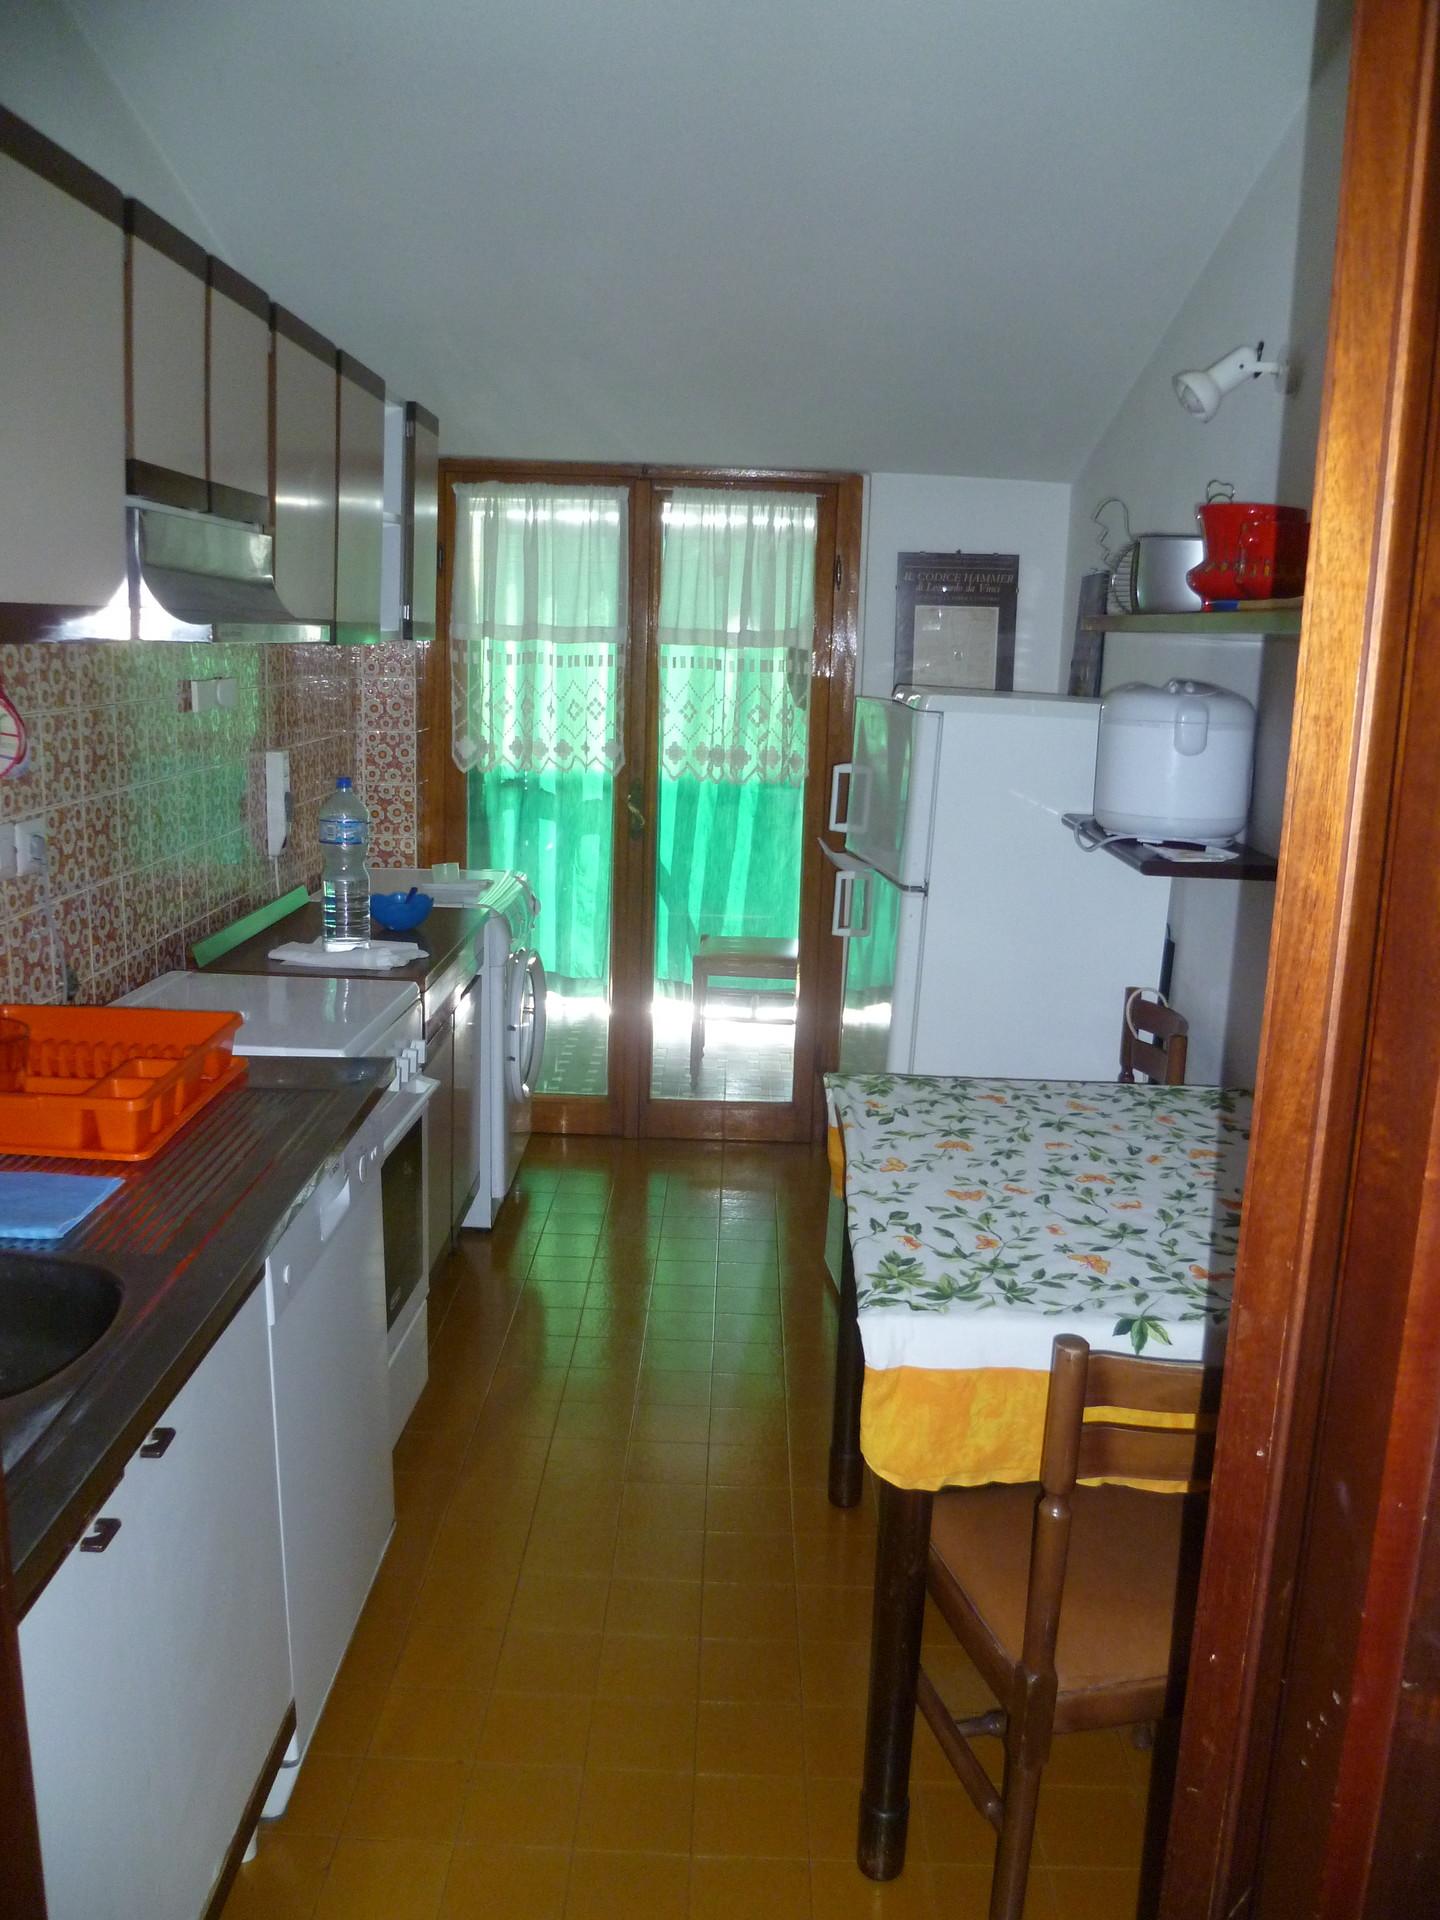 Camere per studenti a forl italia stanza in affitto forli for Camere affitto